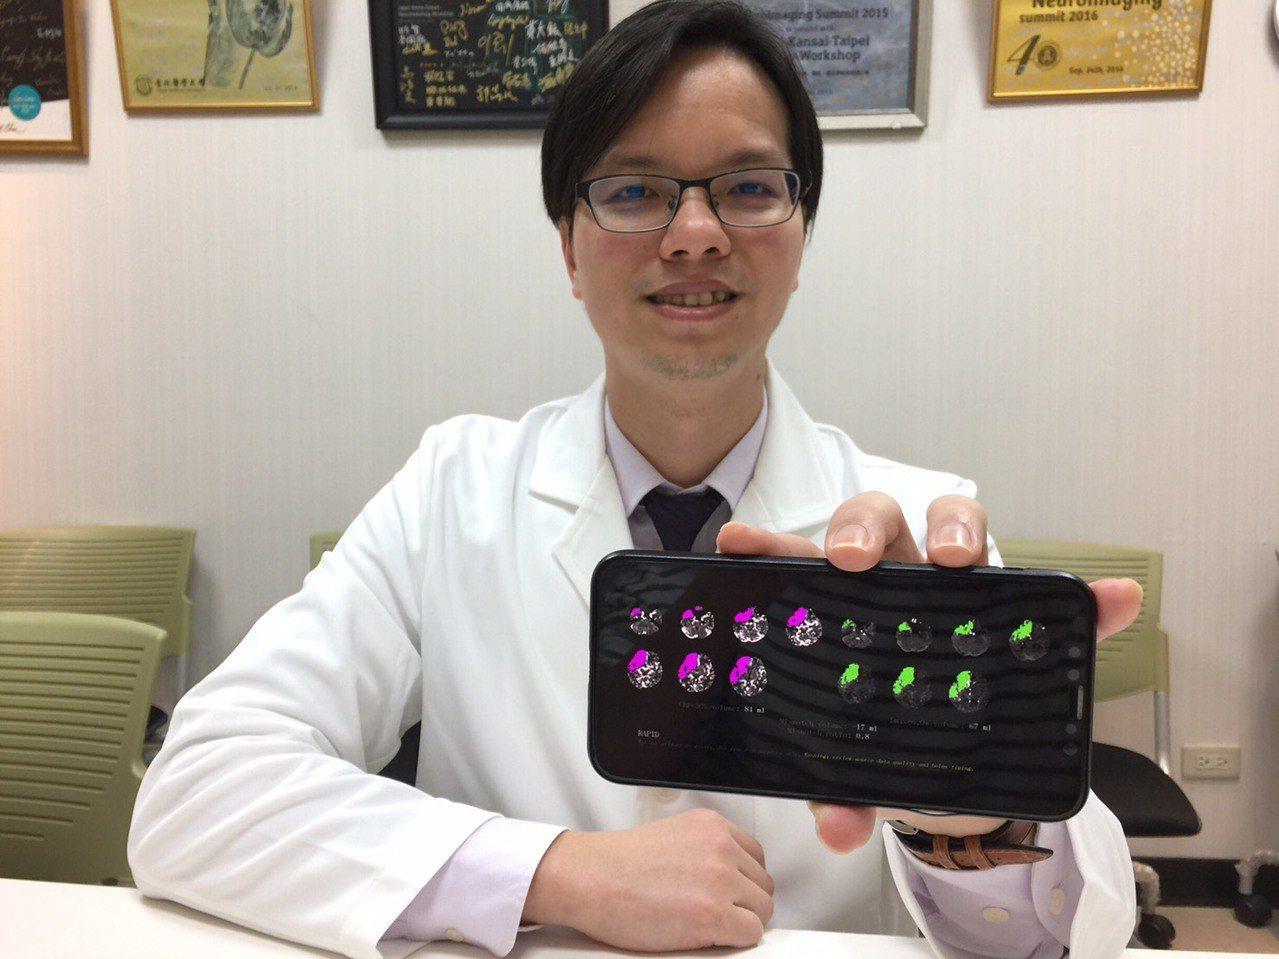 北醫附醫引進新型判讀軟體,能直接把腦缺血區域呈顯,幫助醫師判讀,加快患者推進手術...